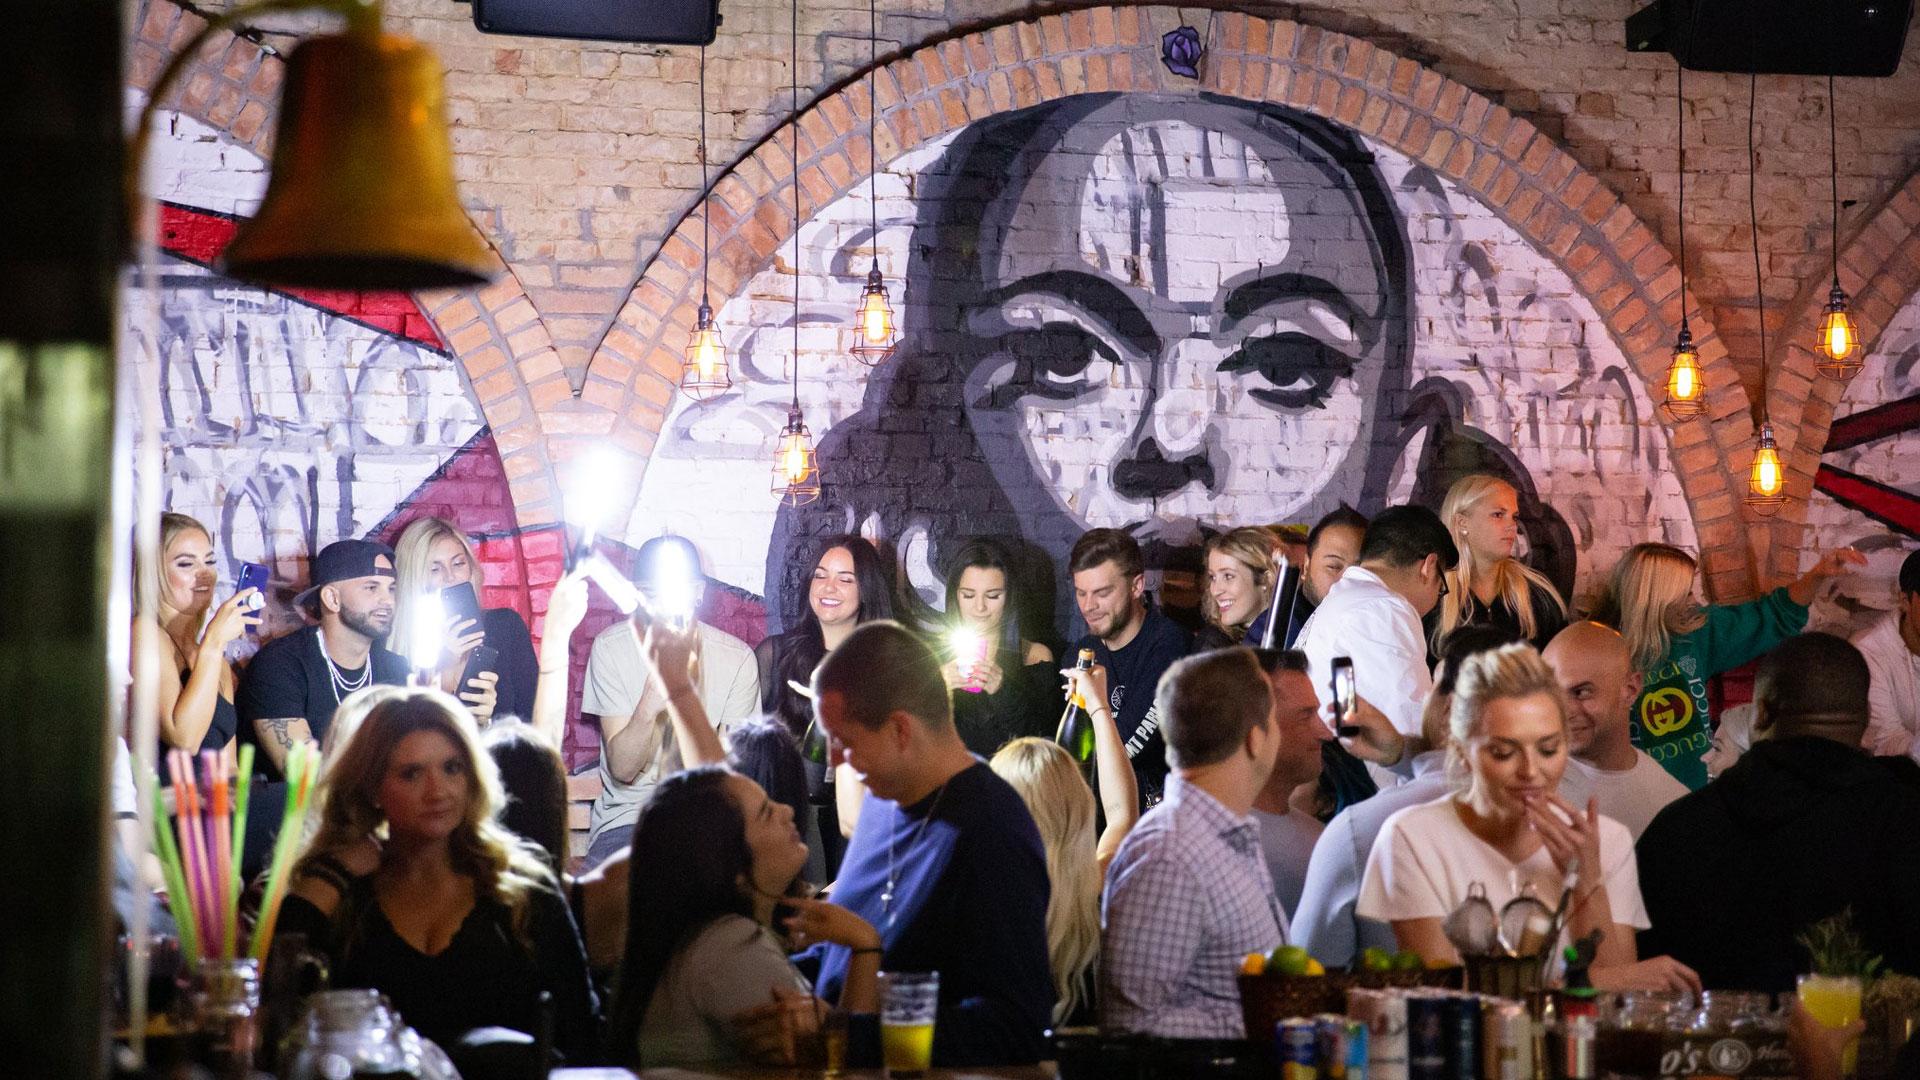 Dallas bachelorette party bars